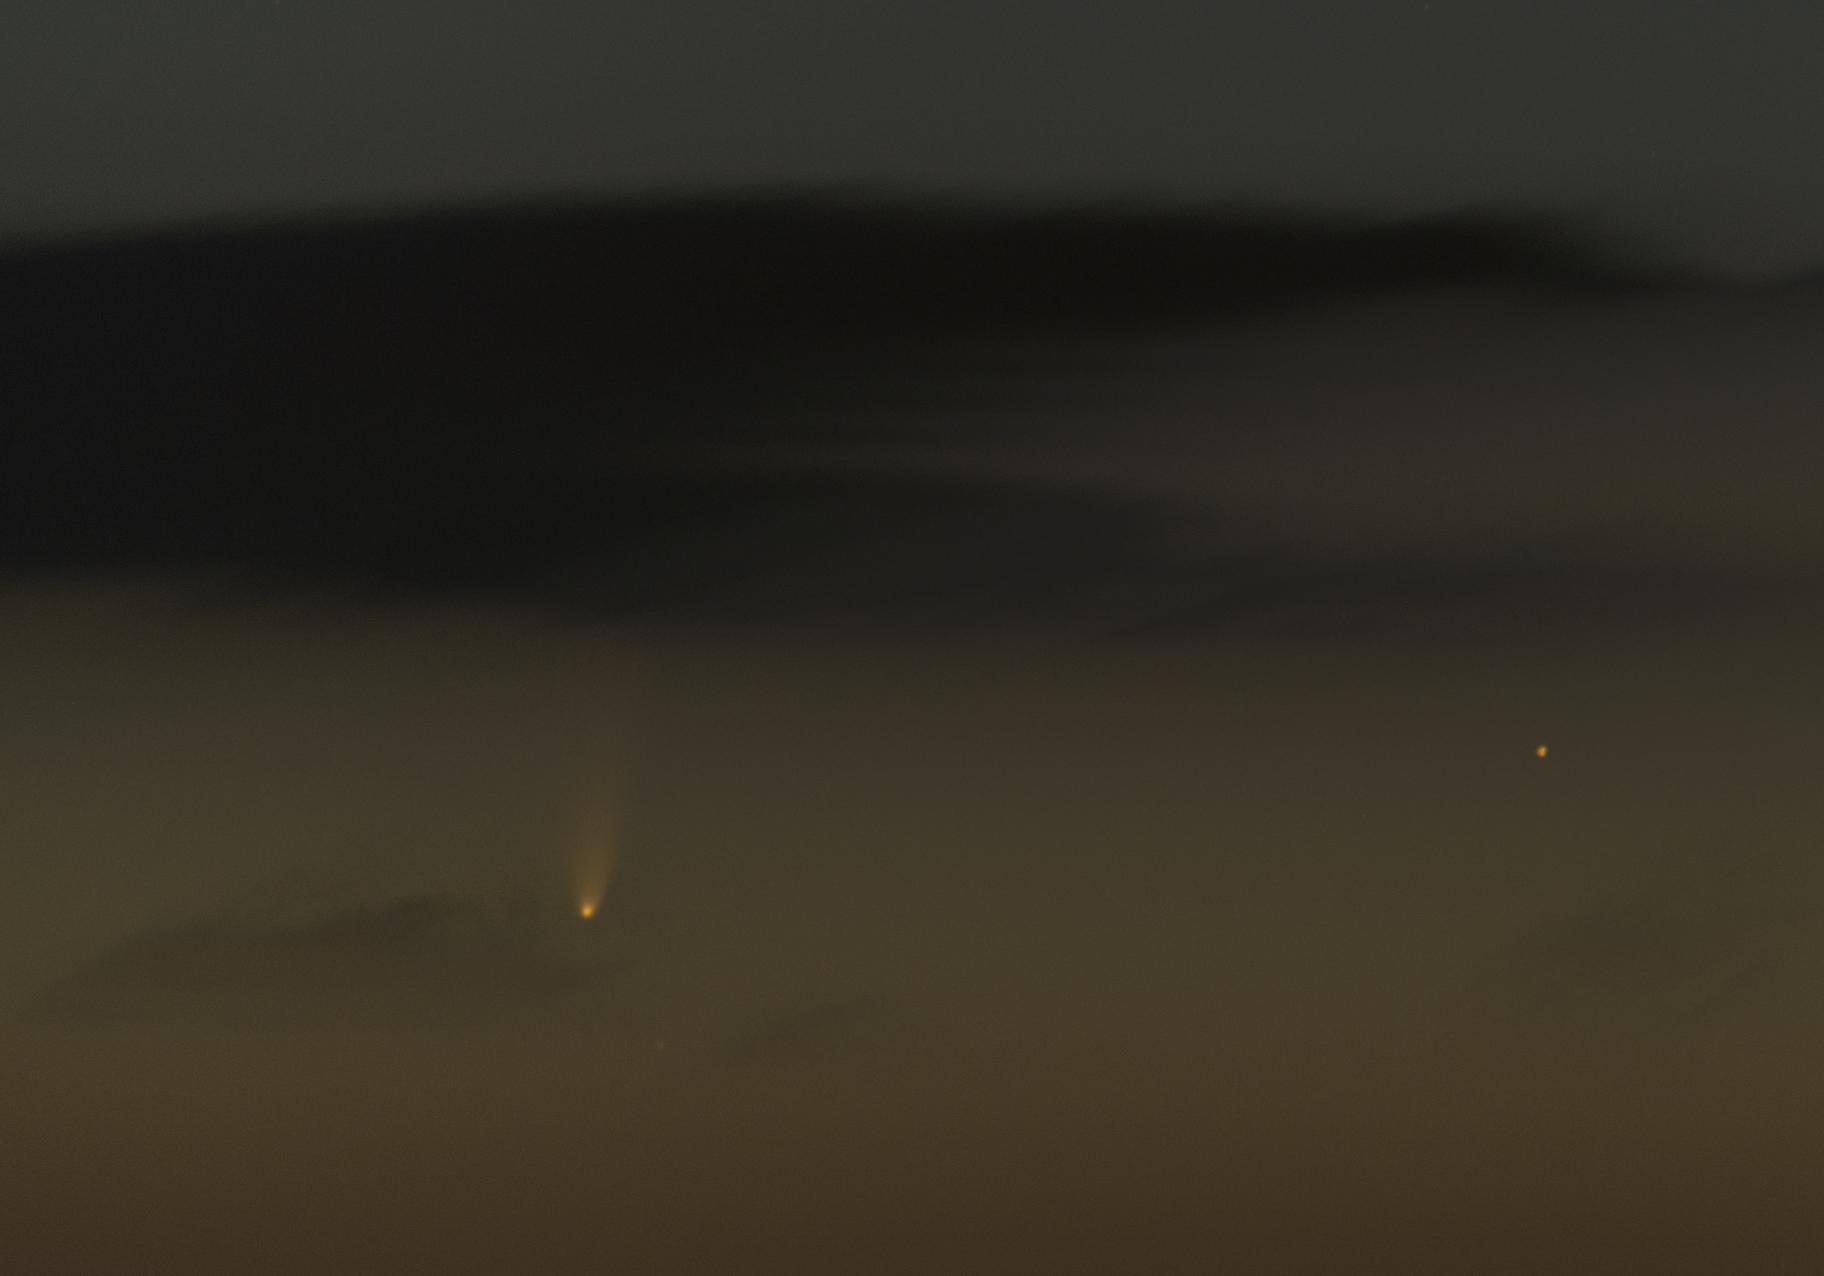 Comet 2011 L4 PANSTARRS near Iota Ceti